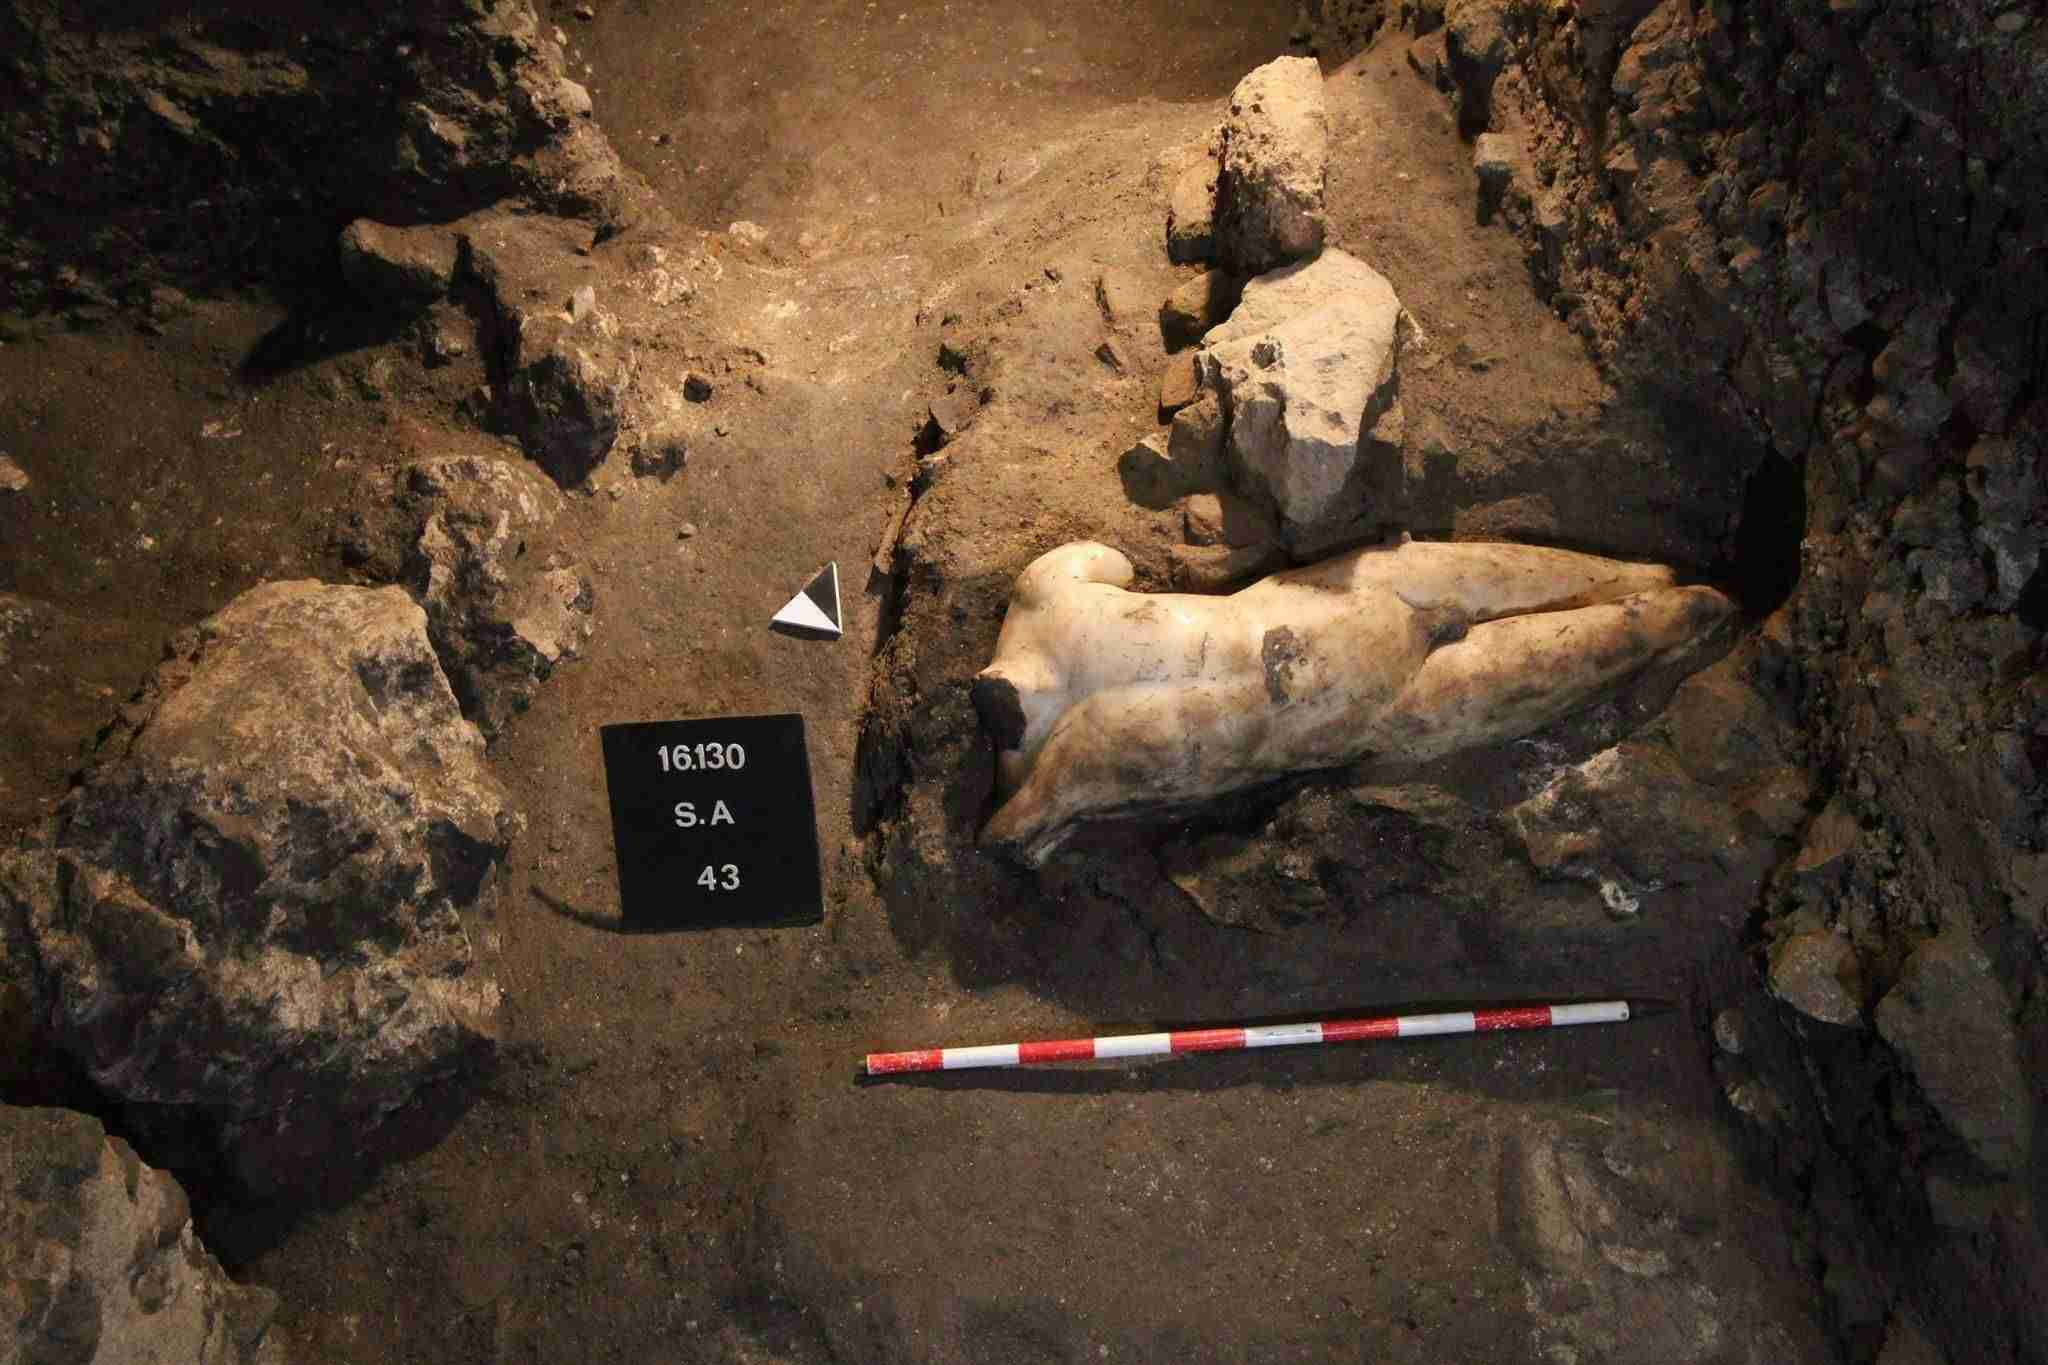 La galería romana de Amador de los Ríos abre sus puertas al público por primera vez este viernes por el 30 Aniversario 9